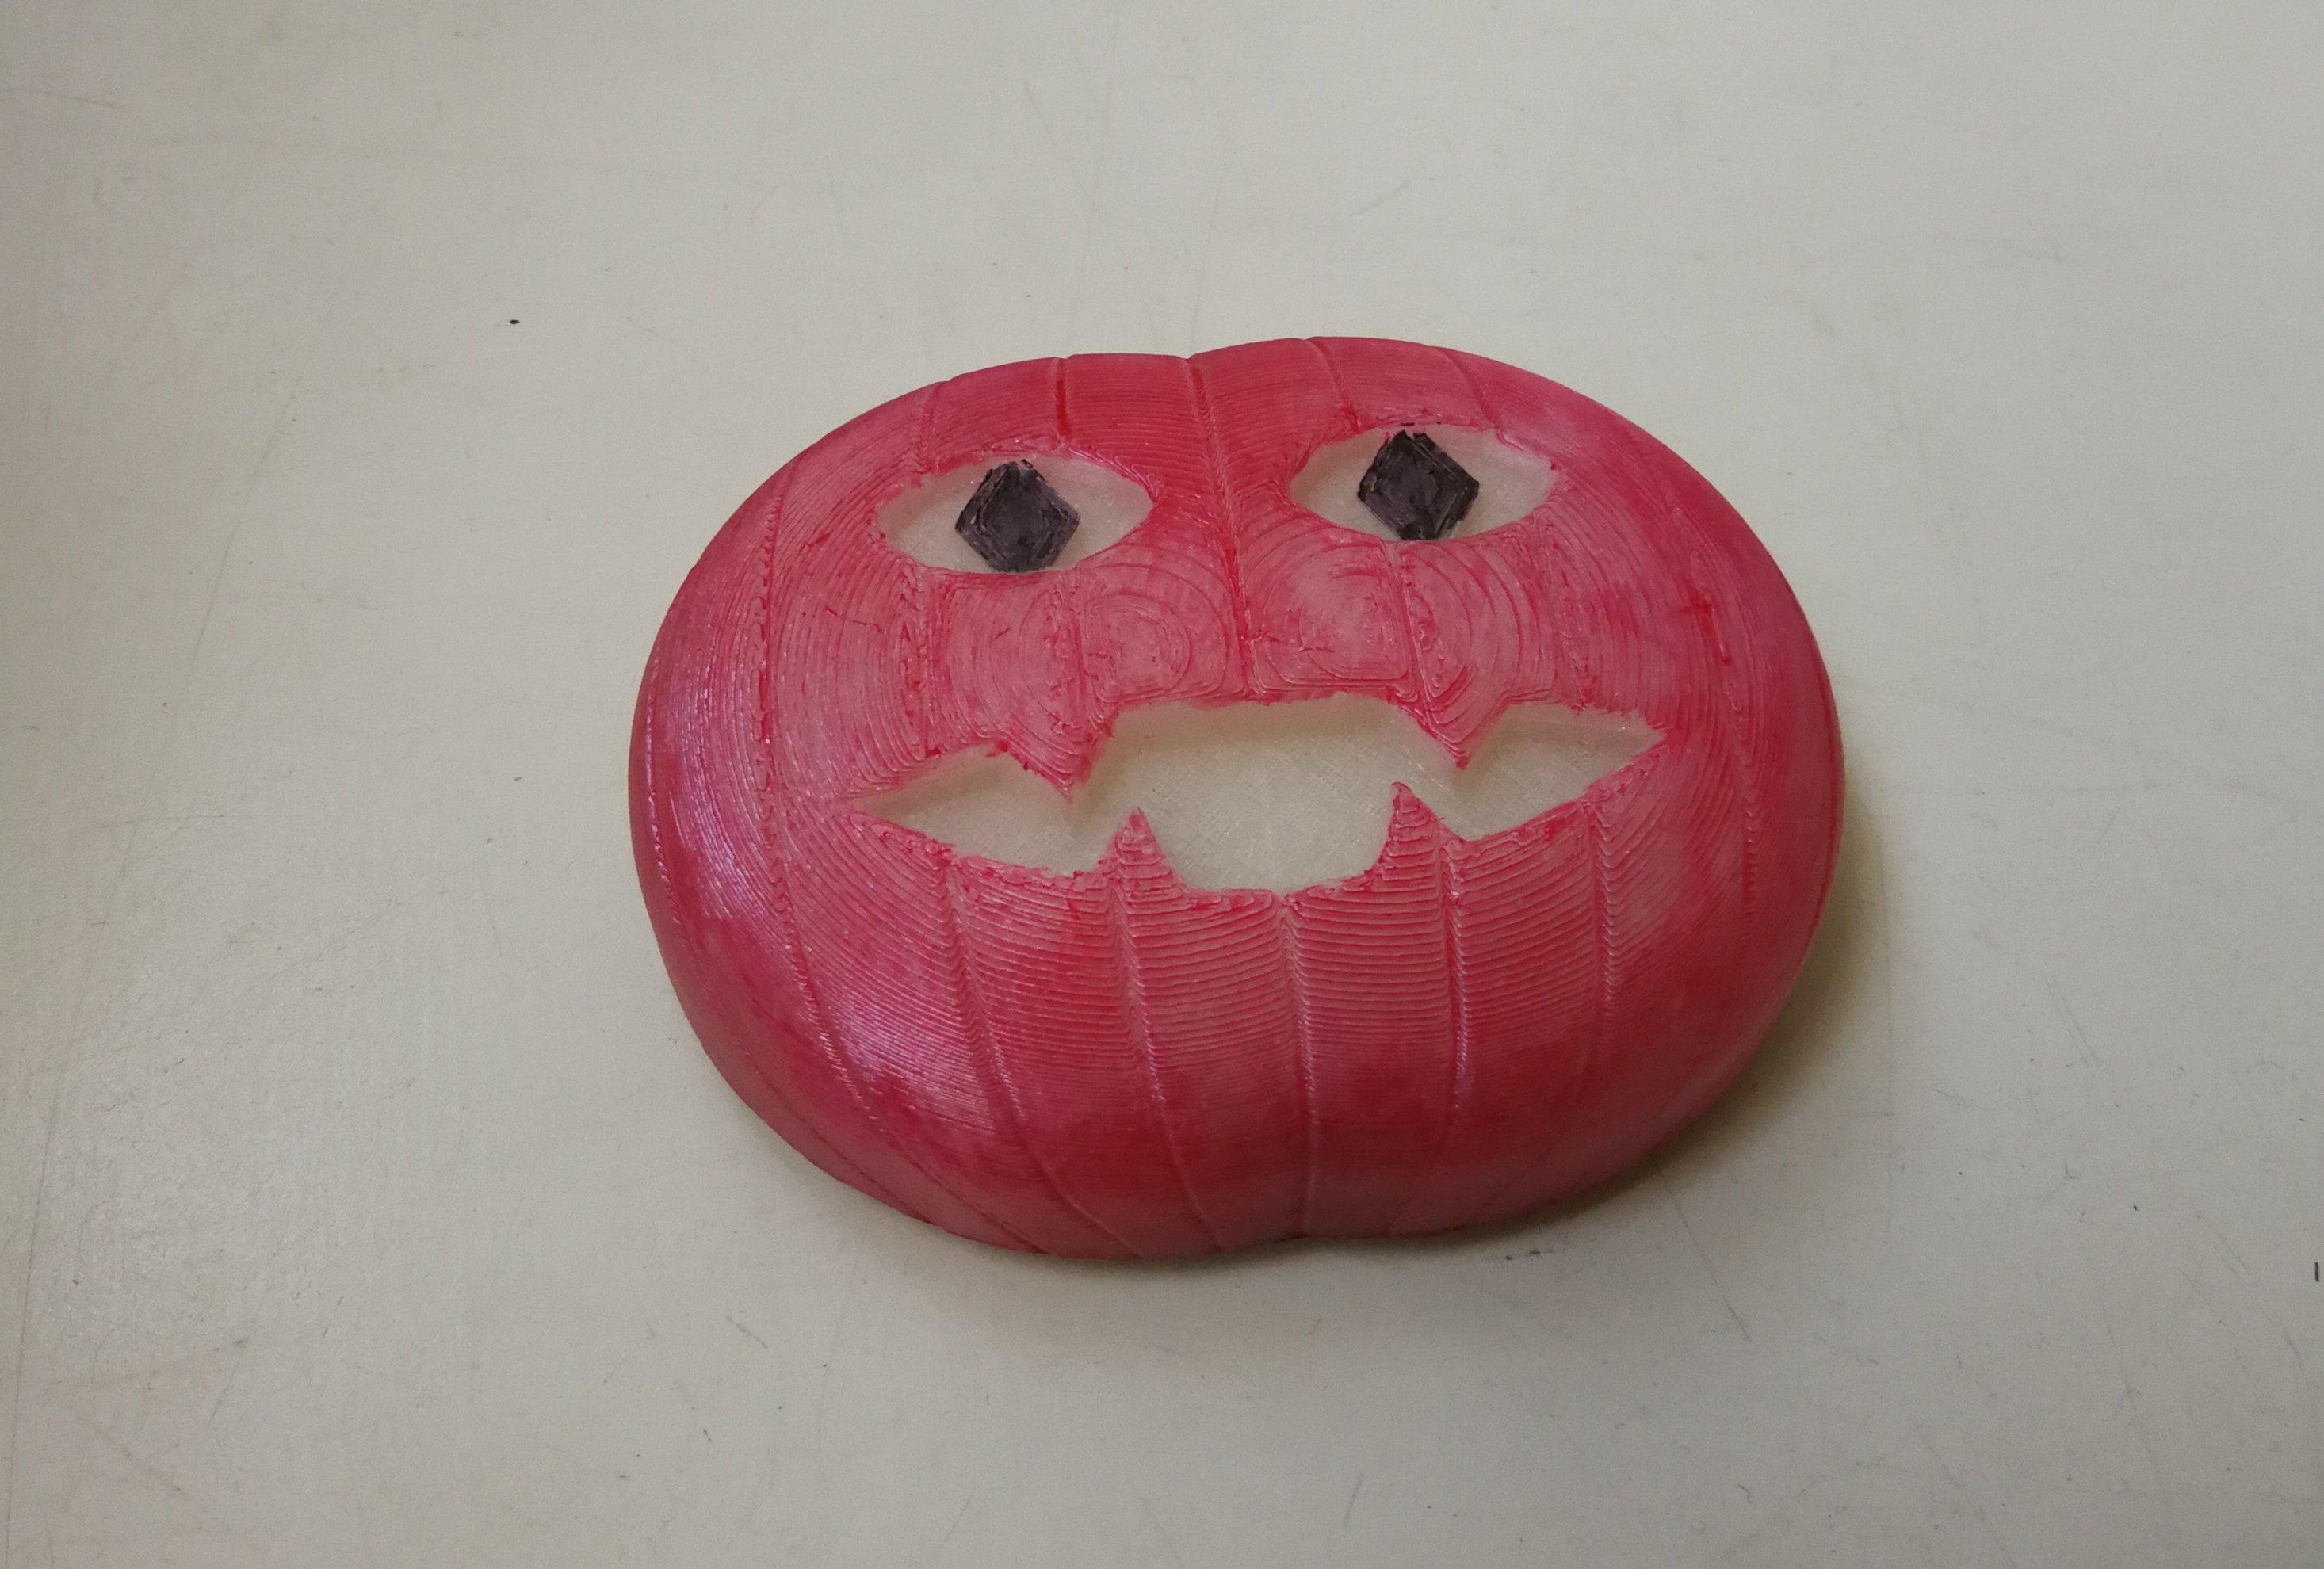 pumpkin push button for EnOcean